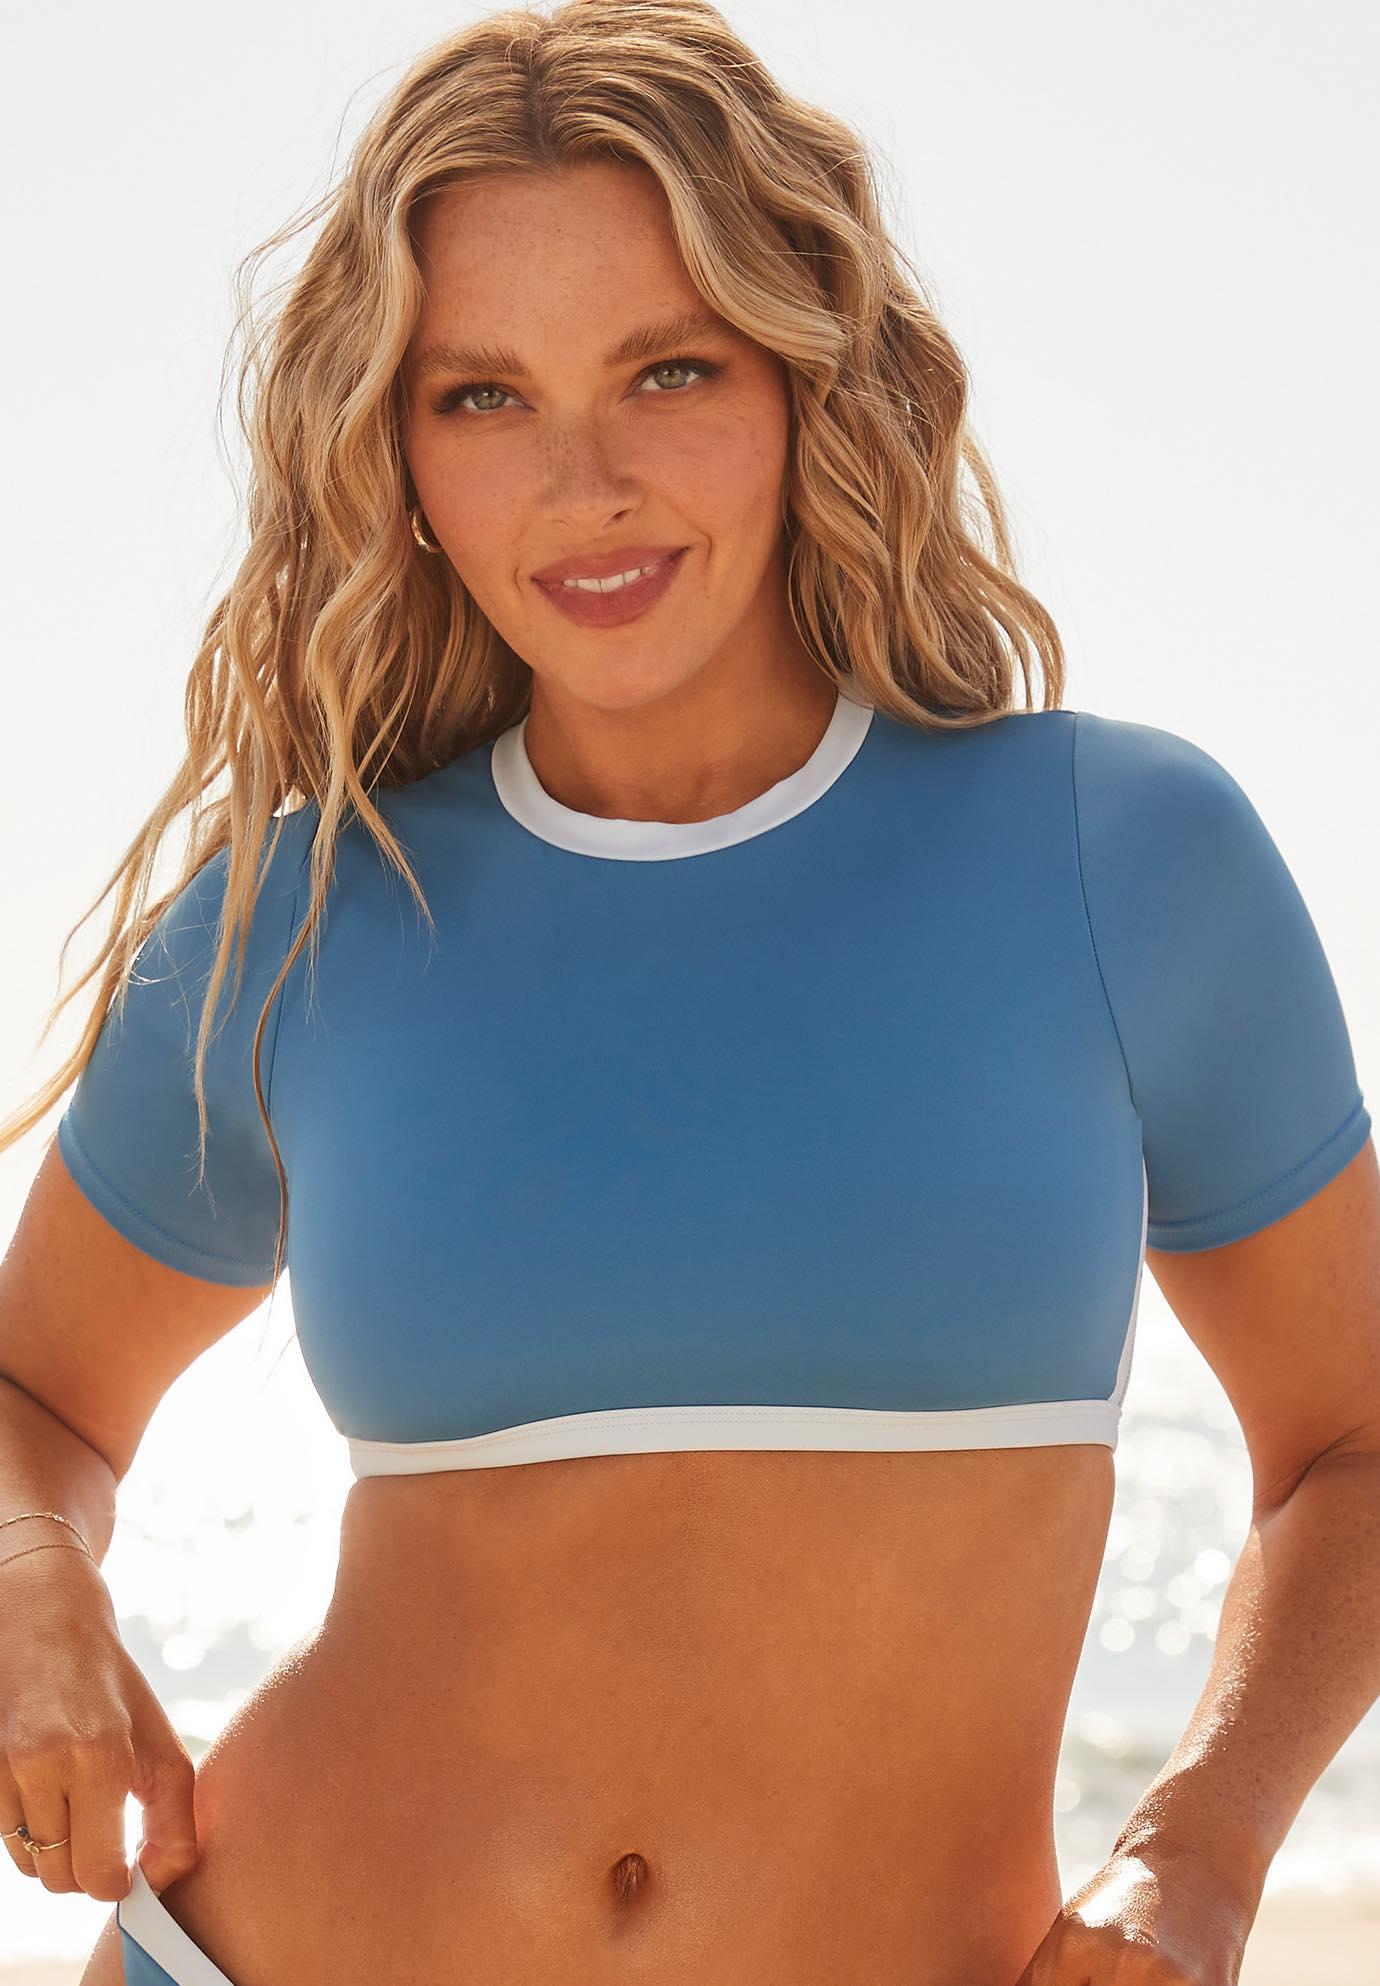 Camille Kostek Scuba Dream Bikini Top